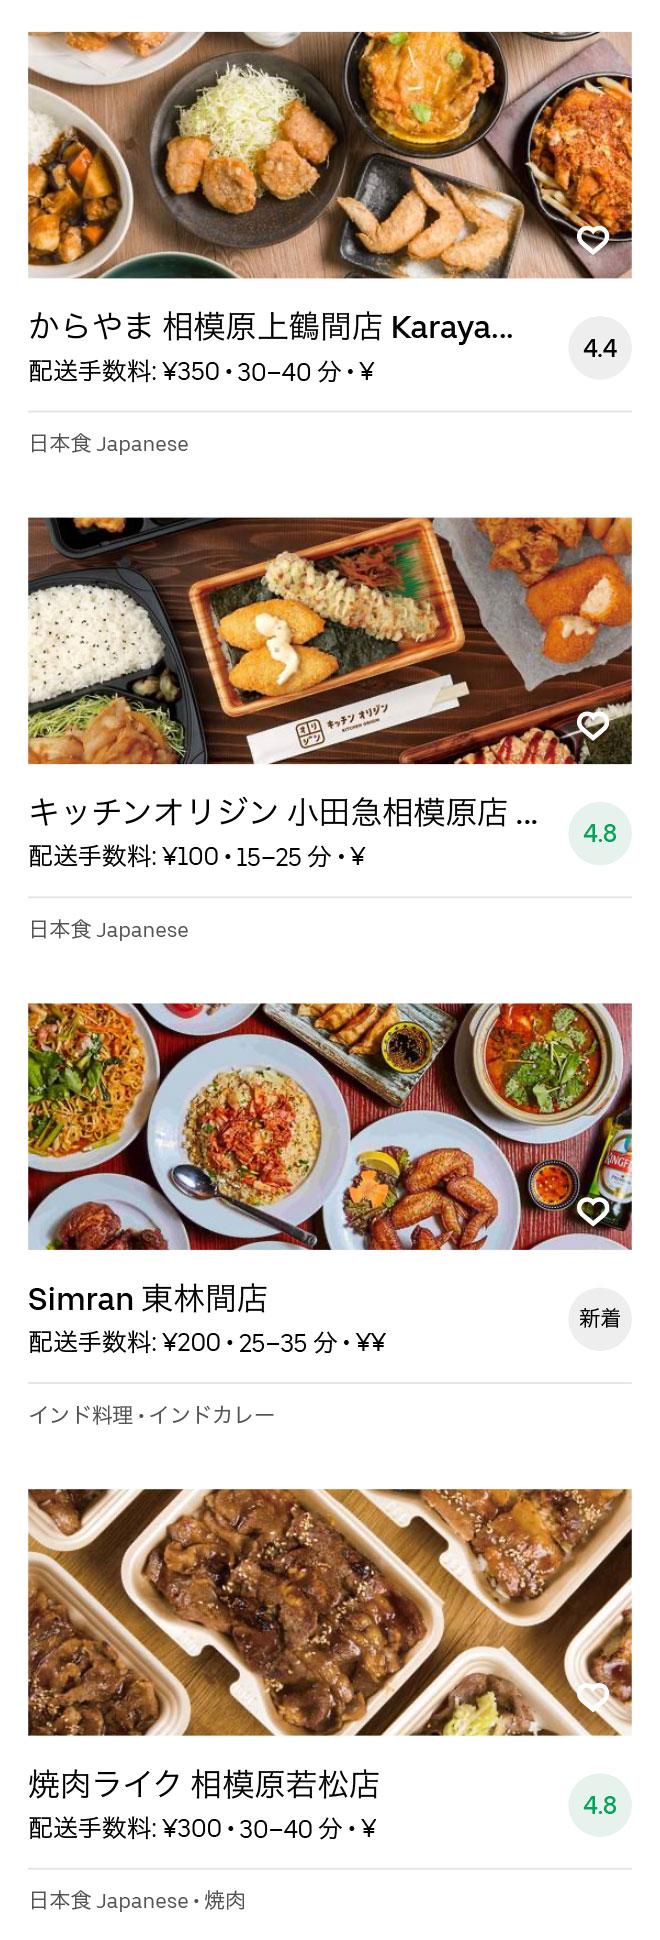 Odakyu sagamihara menu 2008 03